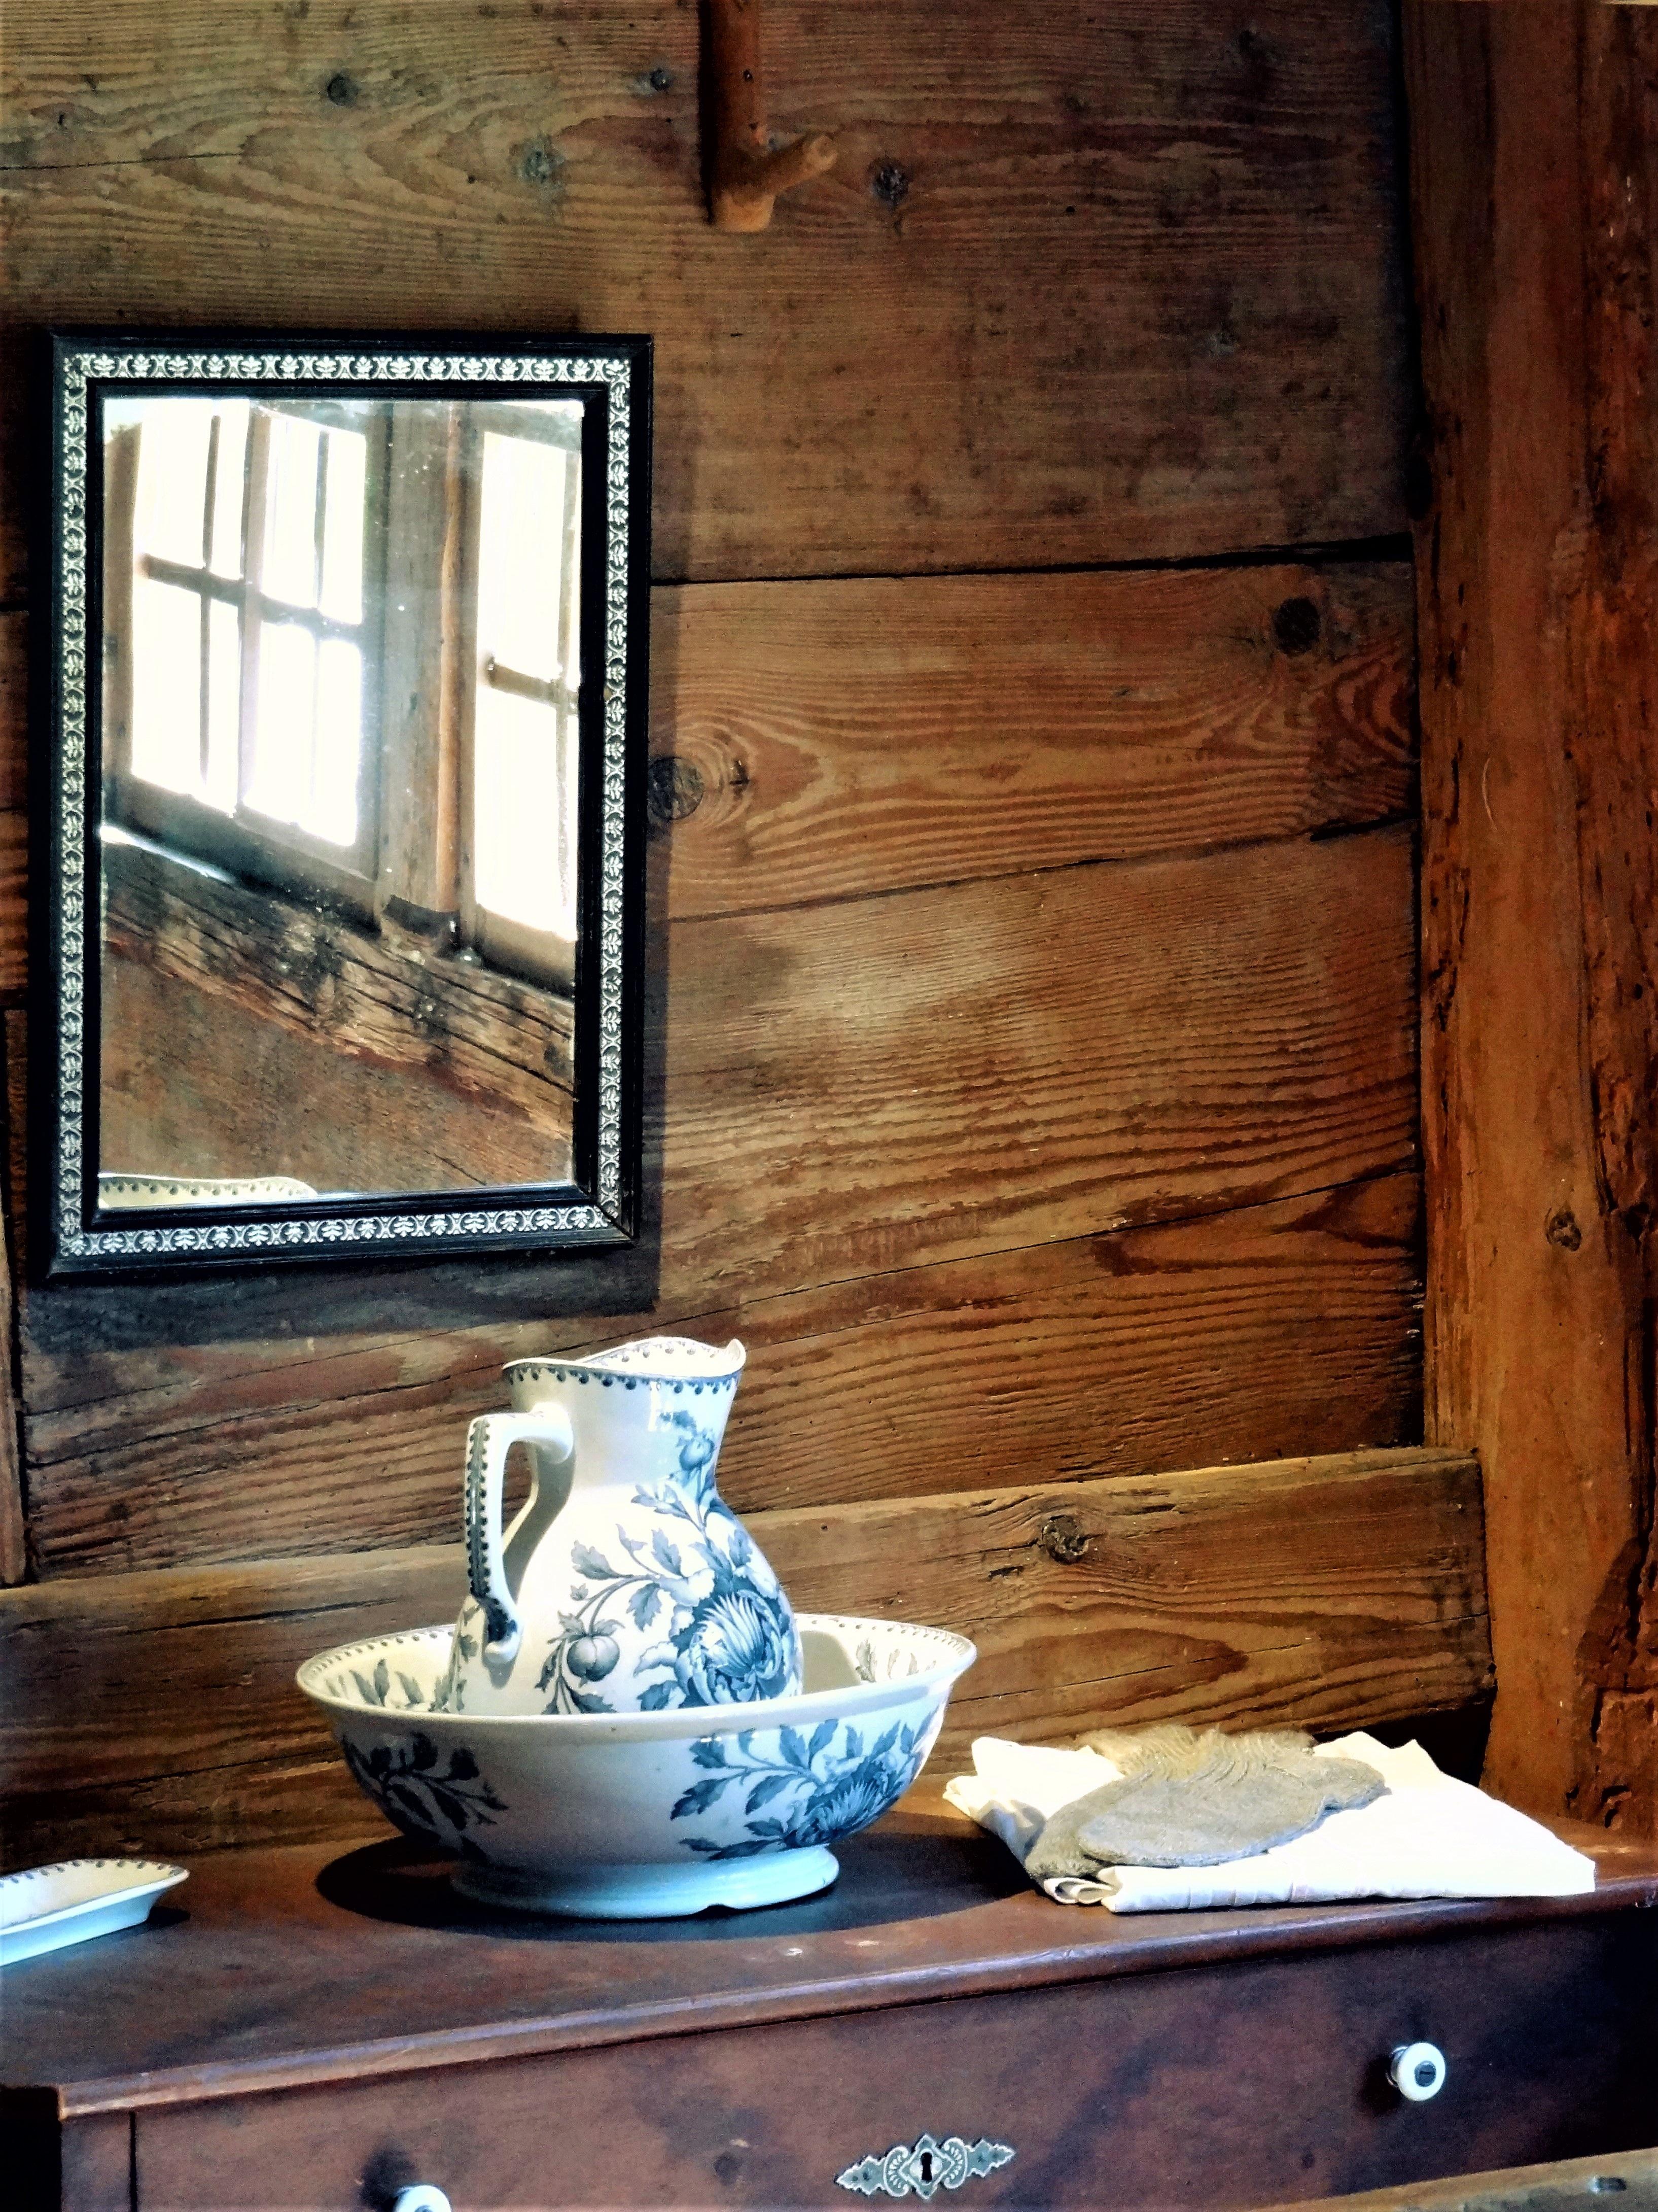 Gratis Afbeeldingen : tafel, hout, huis, verdieping, venster, oud ...